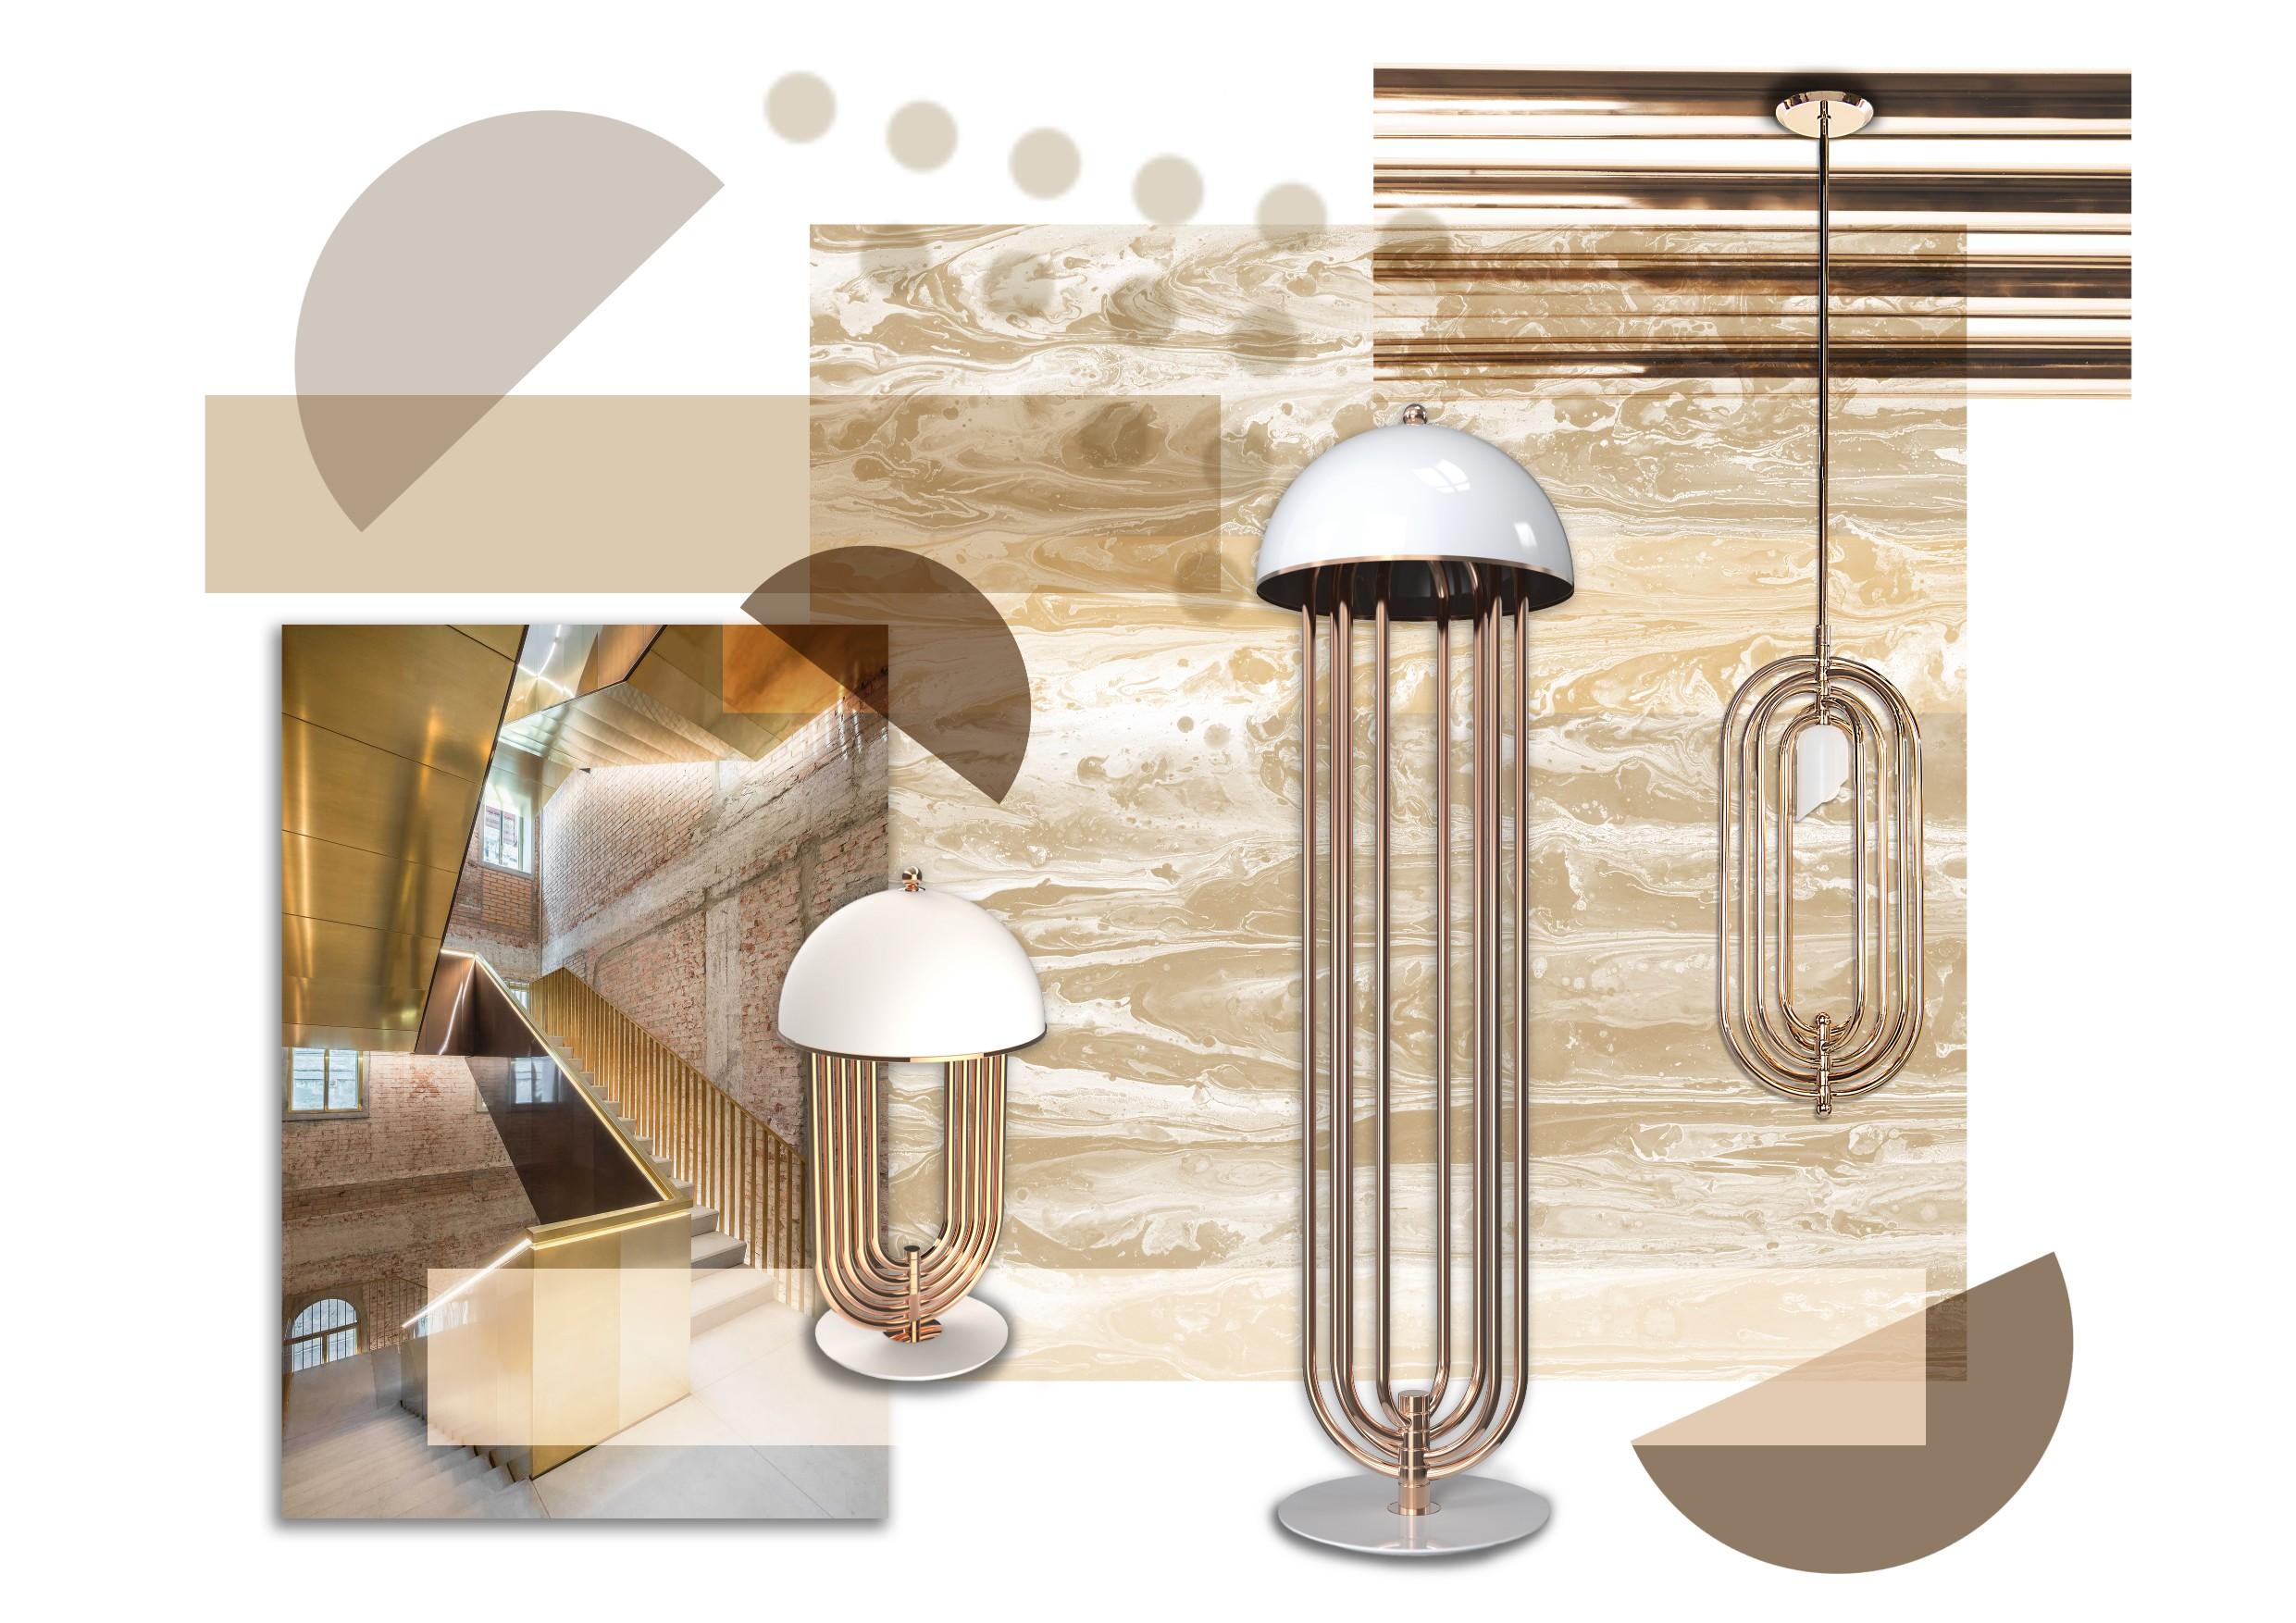 Summertime Mood Boards  Summertime mood boards Feel Inspired By These Summertime Mood Boards and Floor Lamps! Feel Inspired By These Mood Board and Floor Lamps 3